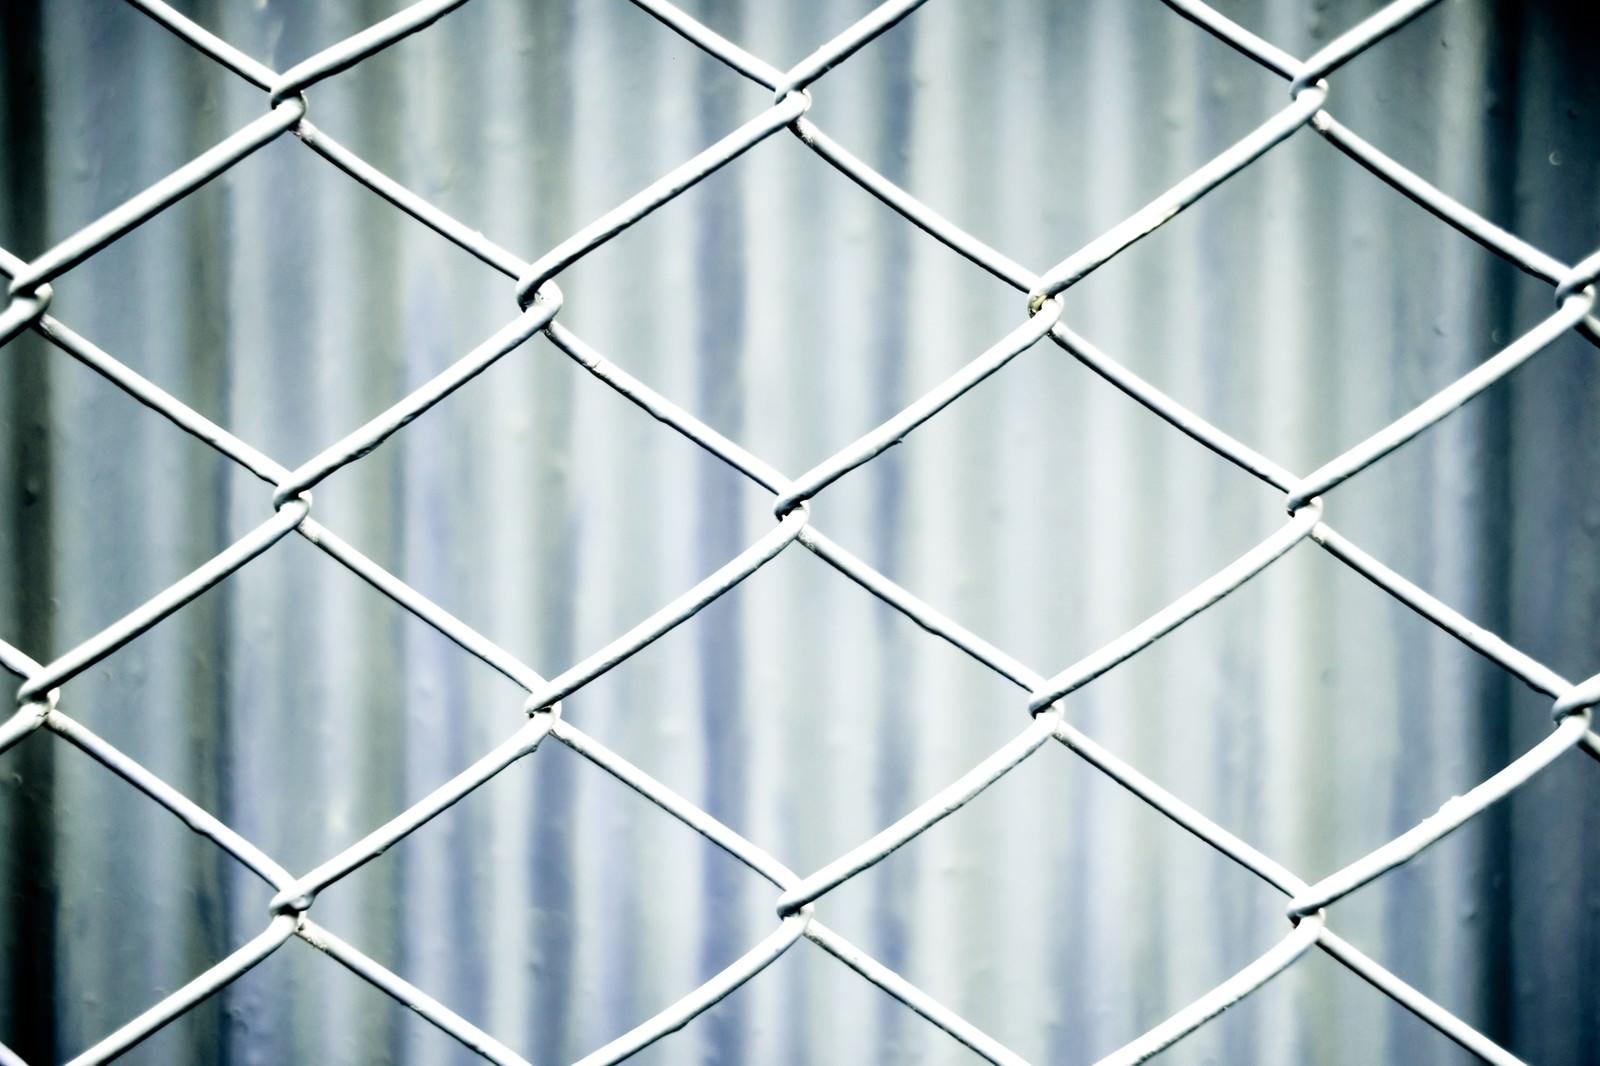 「灰色のネットフェンス灰色のネットフェンス」のフリー写真素材を拡大